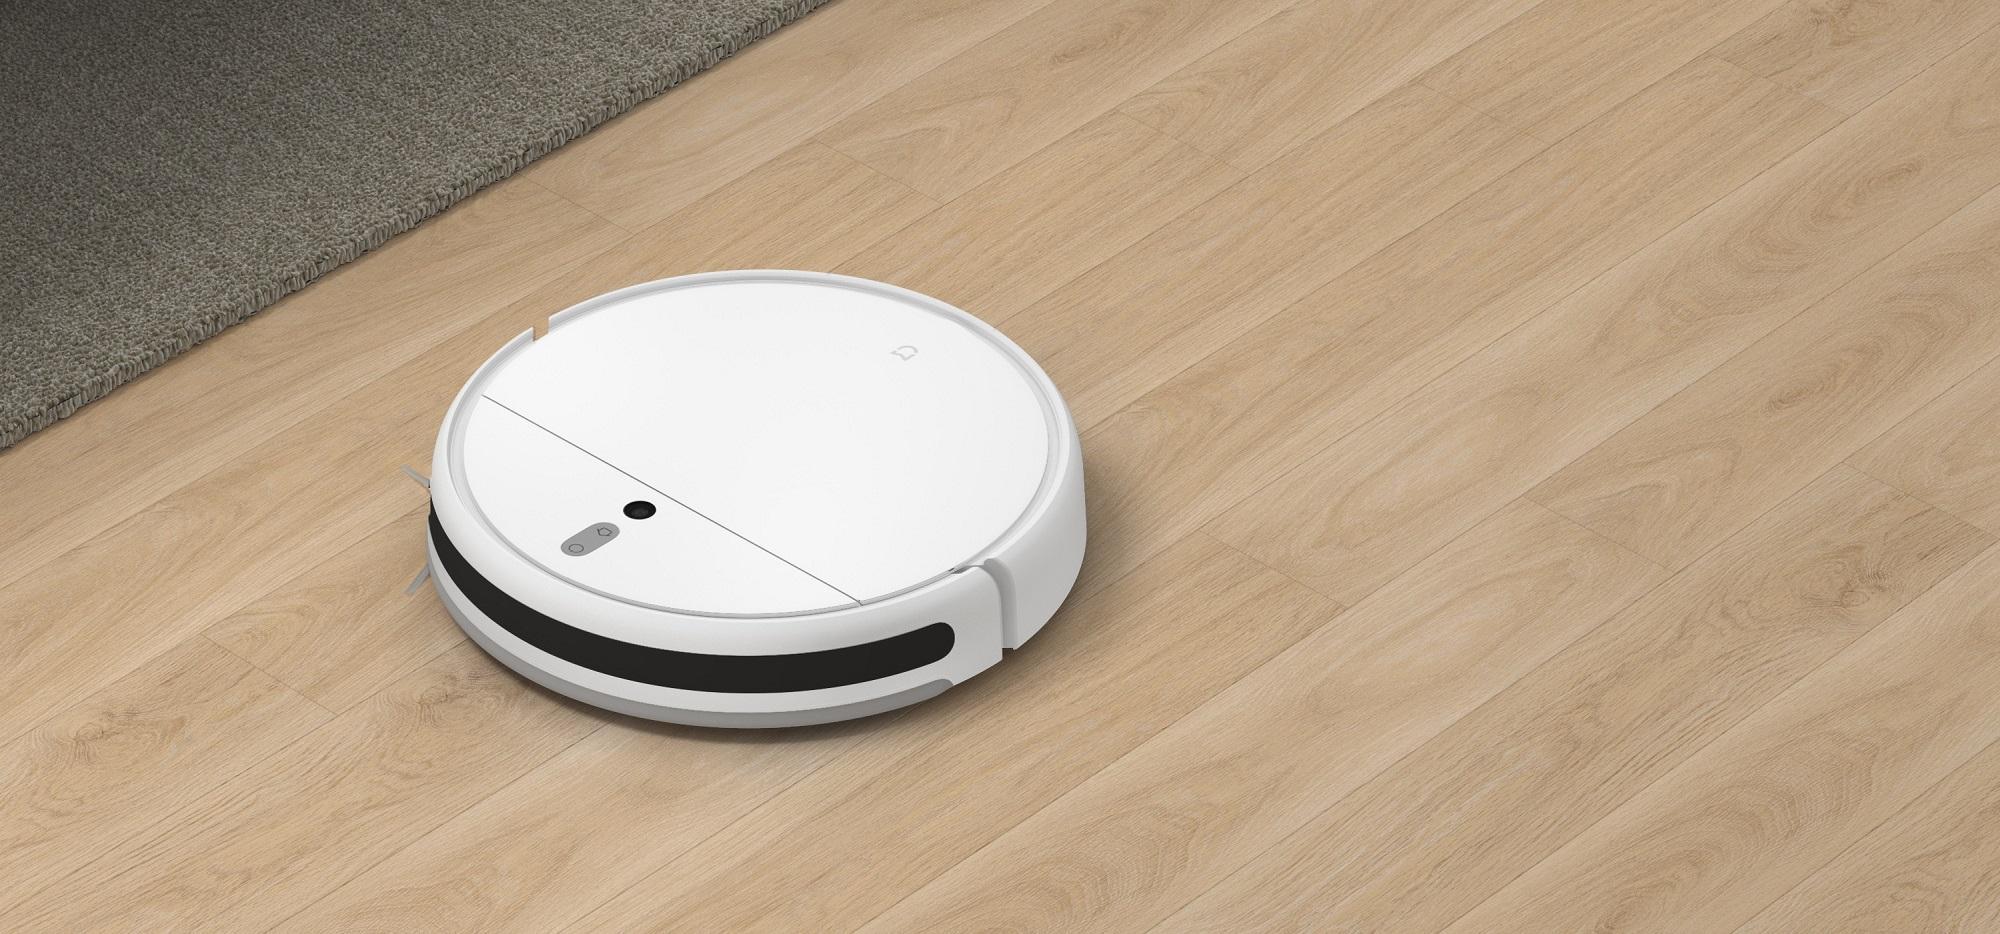 Xiaomi Mi Robot Vacuum-Mop z funkcją mopowania od 18 maja do kupienia w Polsce 18